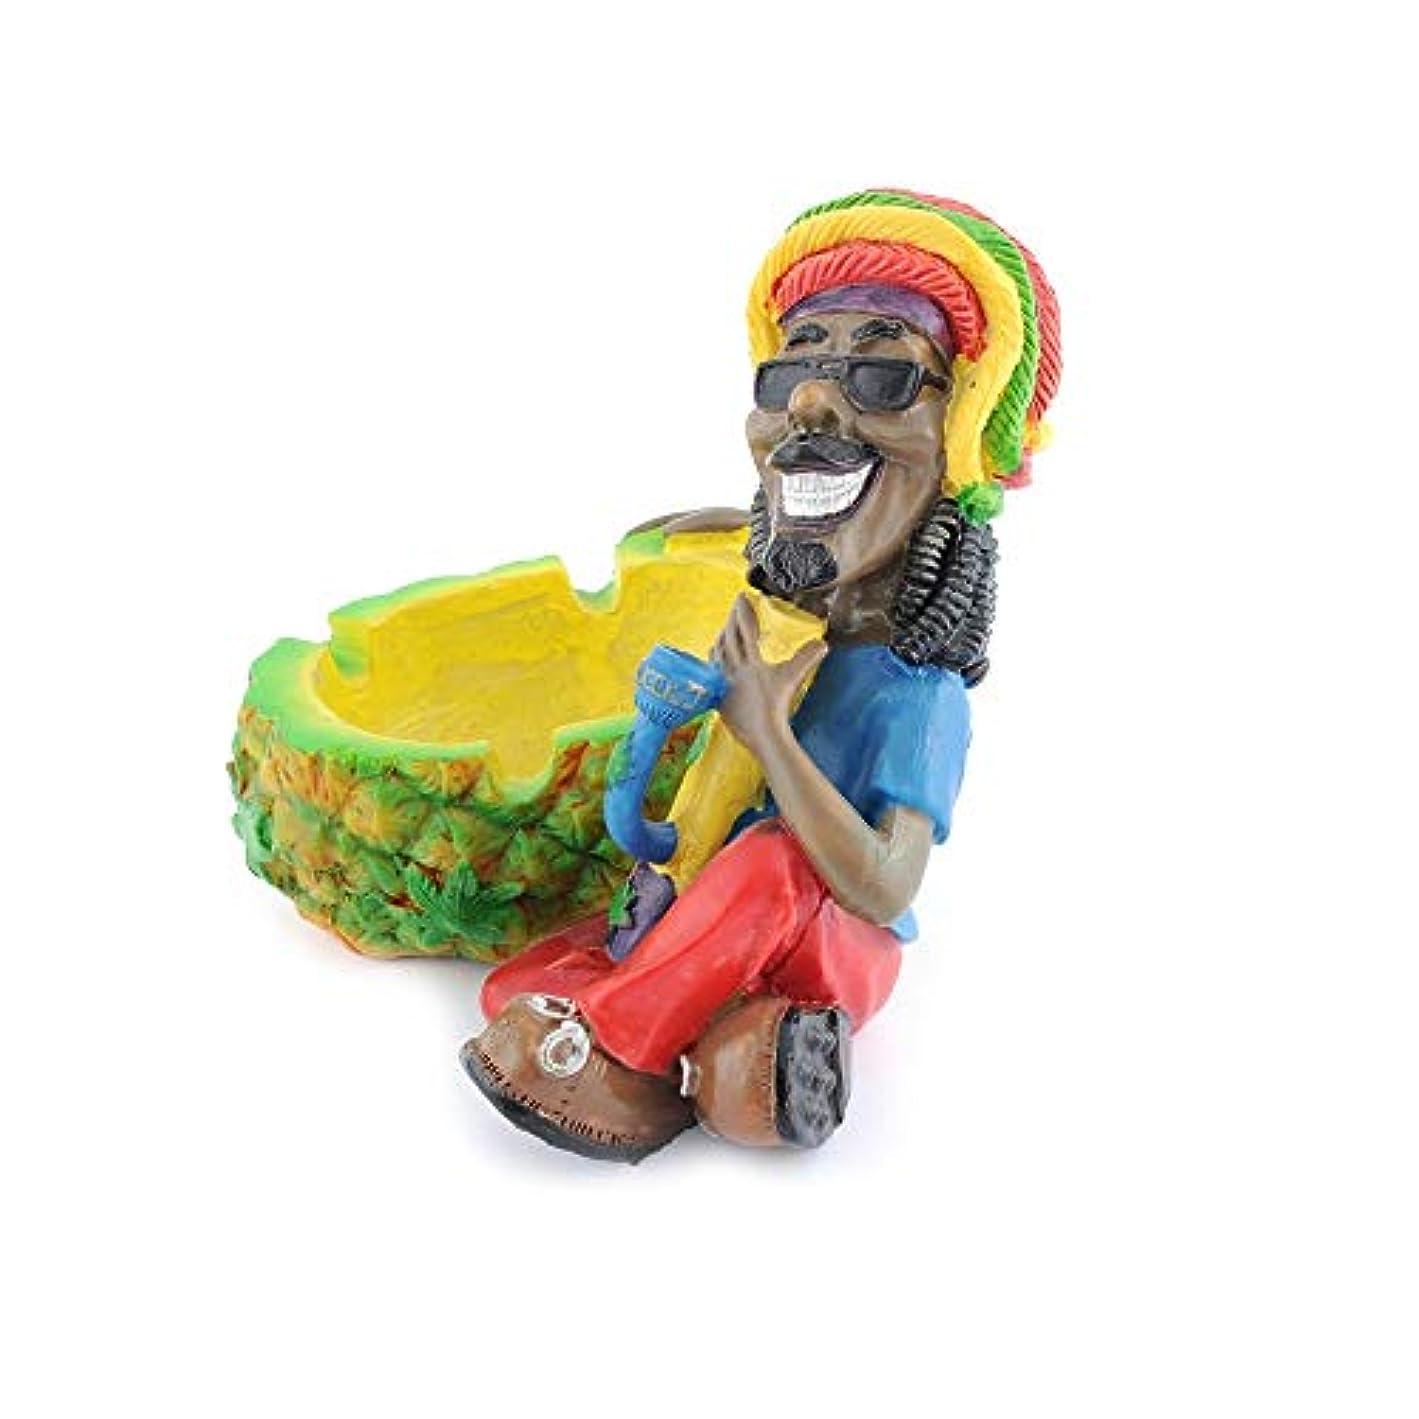 学習者治す記憶に残るクリエイティブ樹脂製灰皿ジャマイカ型灰皿ホームデコレーション